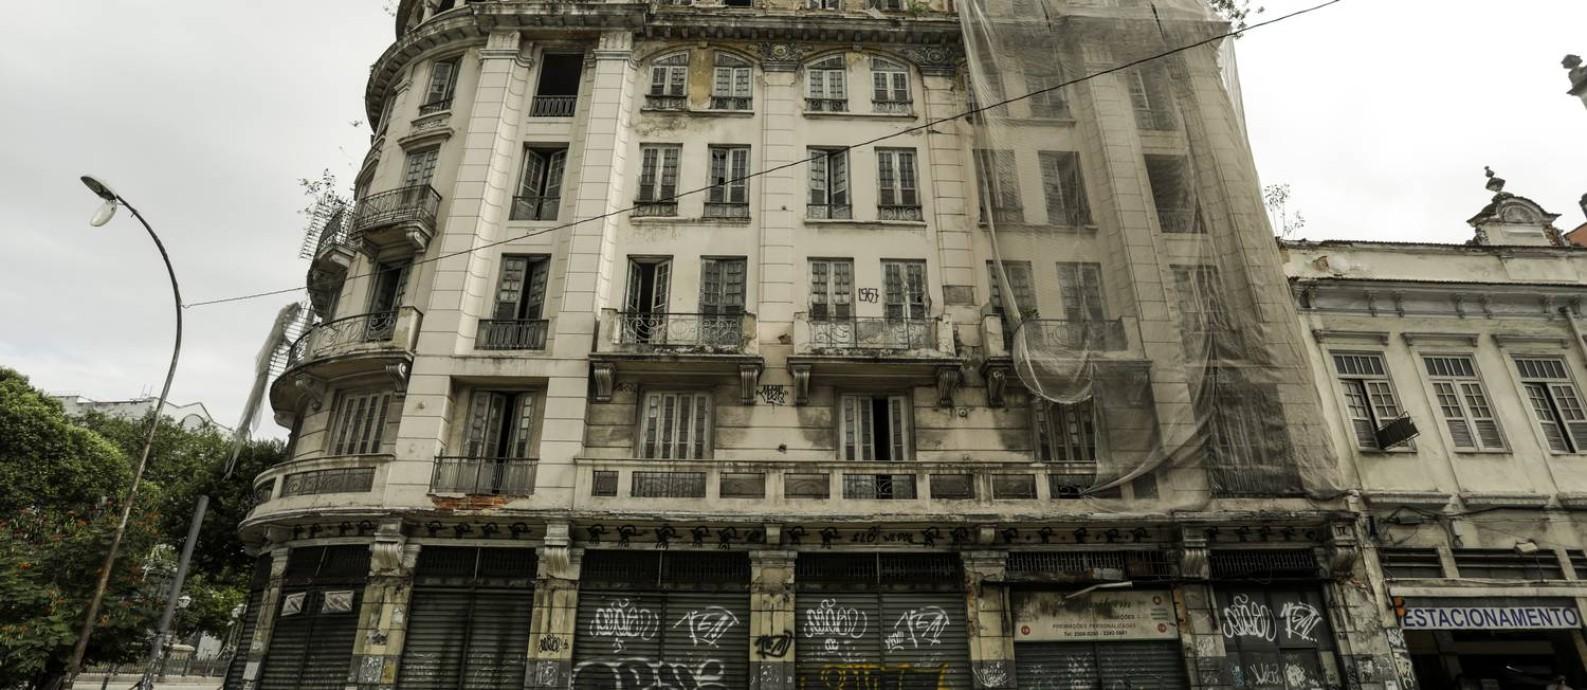 Hotel Paris, na Praça Tiradentes, Centro do Rio, sucumbe ao abandono Foto: Gabriel de Paiva / Agência O Globo